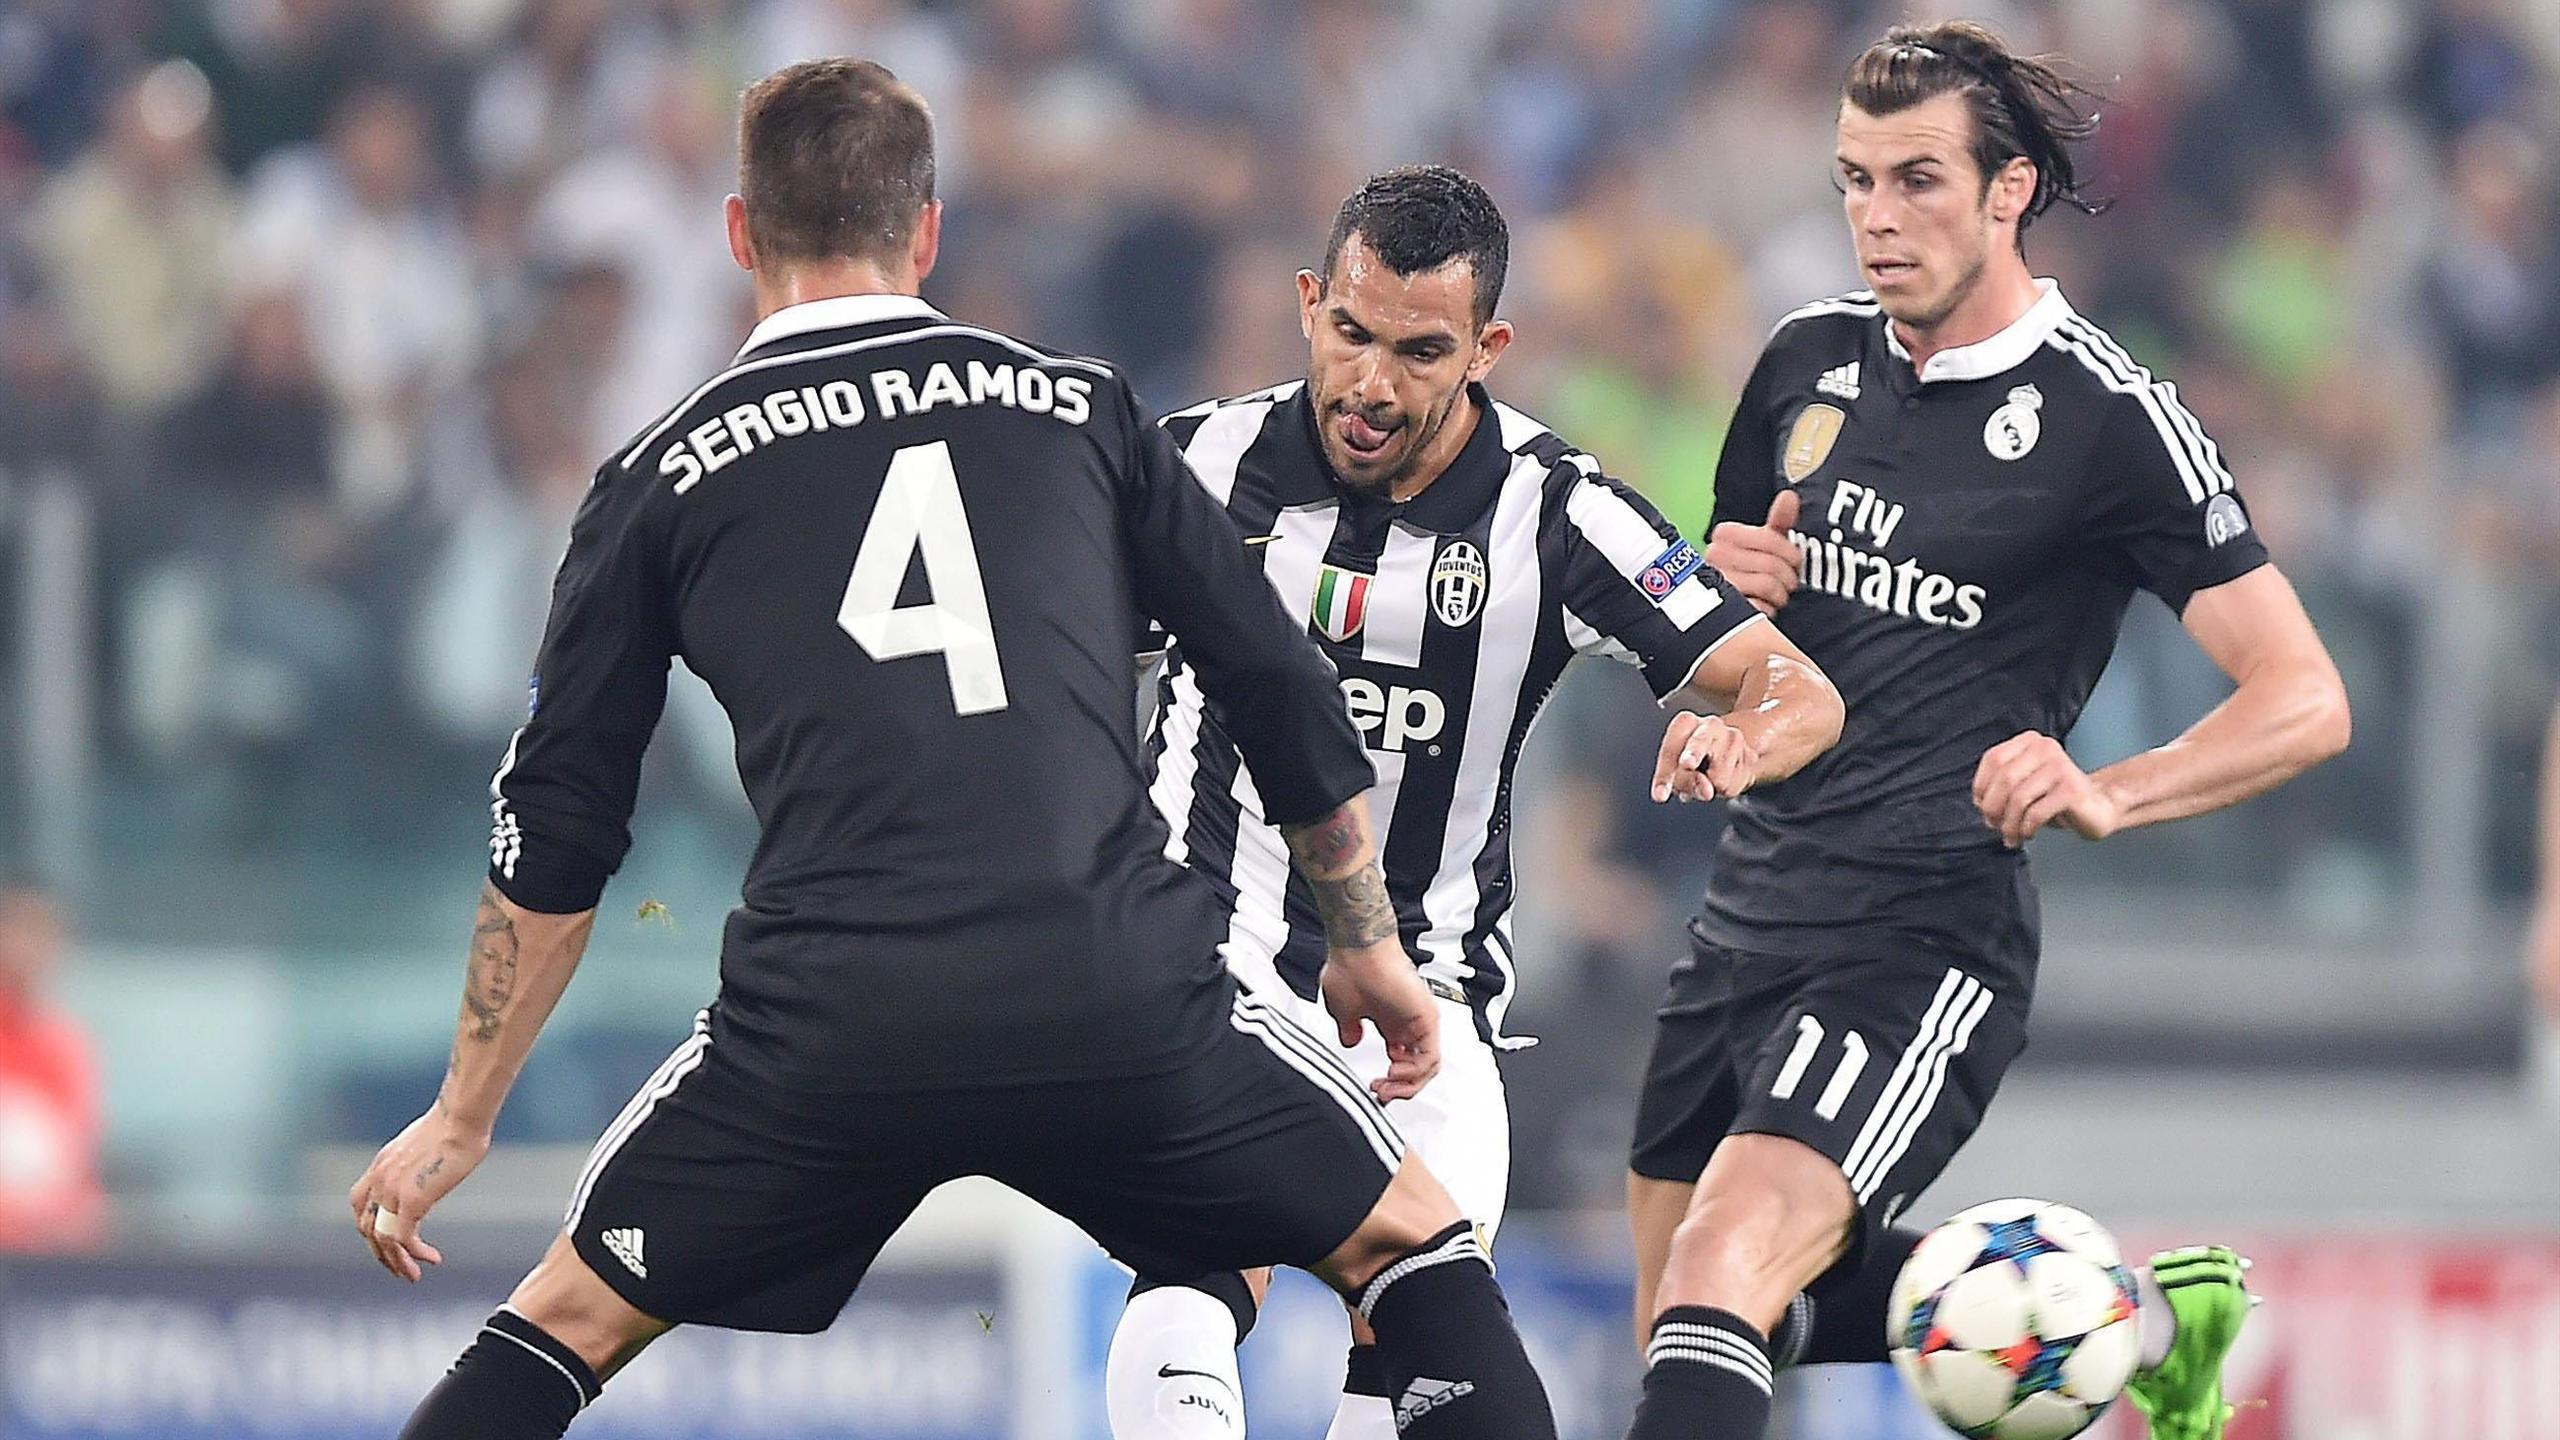 Sergio Ramos, Tévez y Bale en el Juventus-Real Madrid